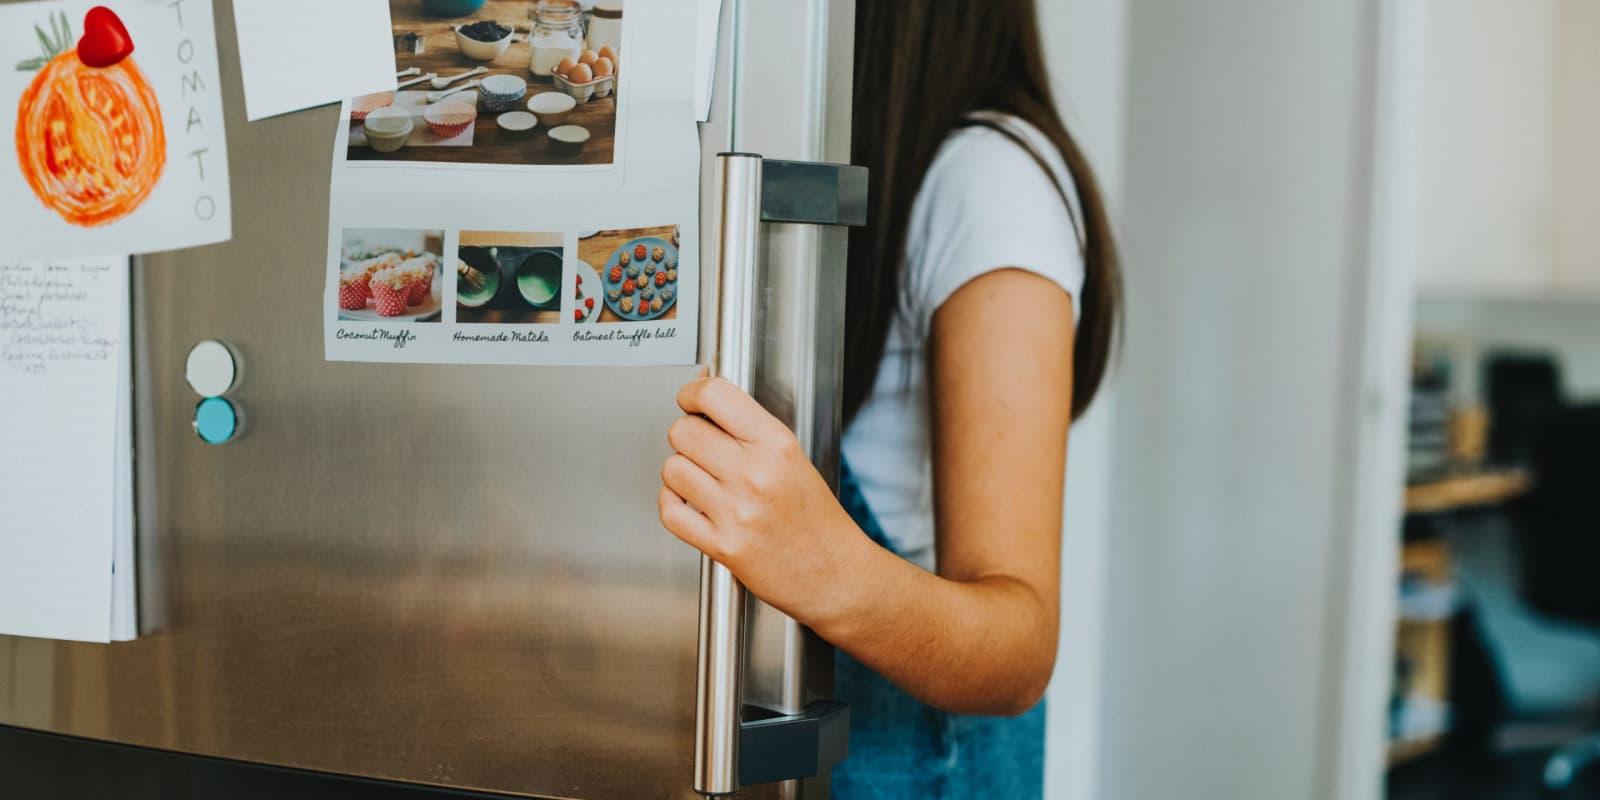 Intolérance au Lactose, Que Puis-je Manger?